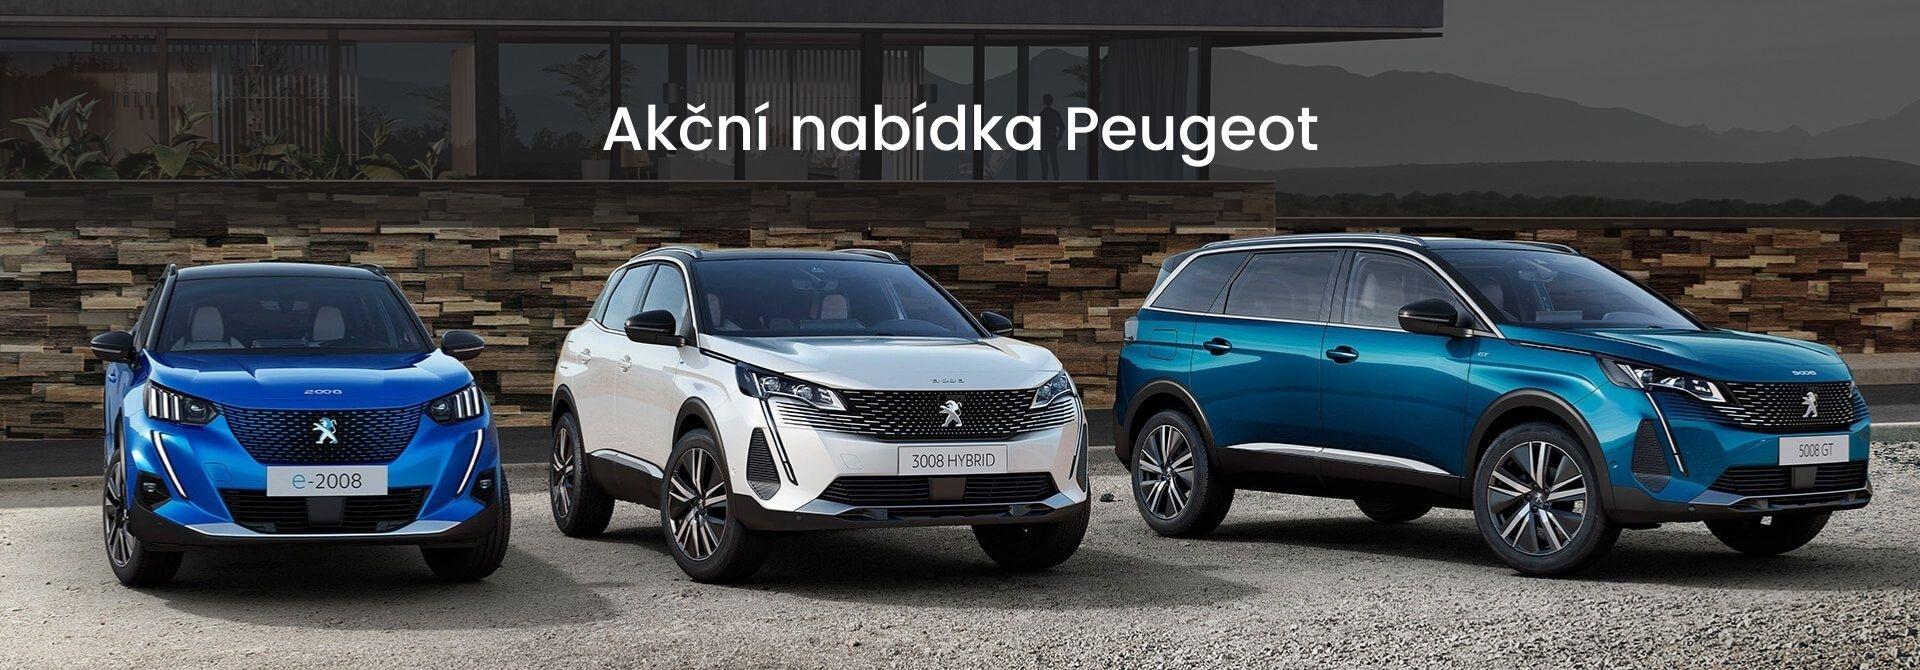 Akční nabídka vozů Peugeot